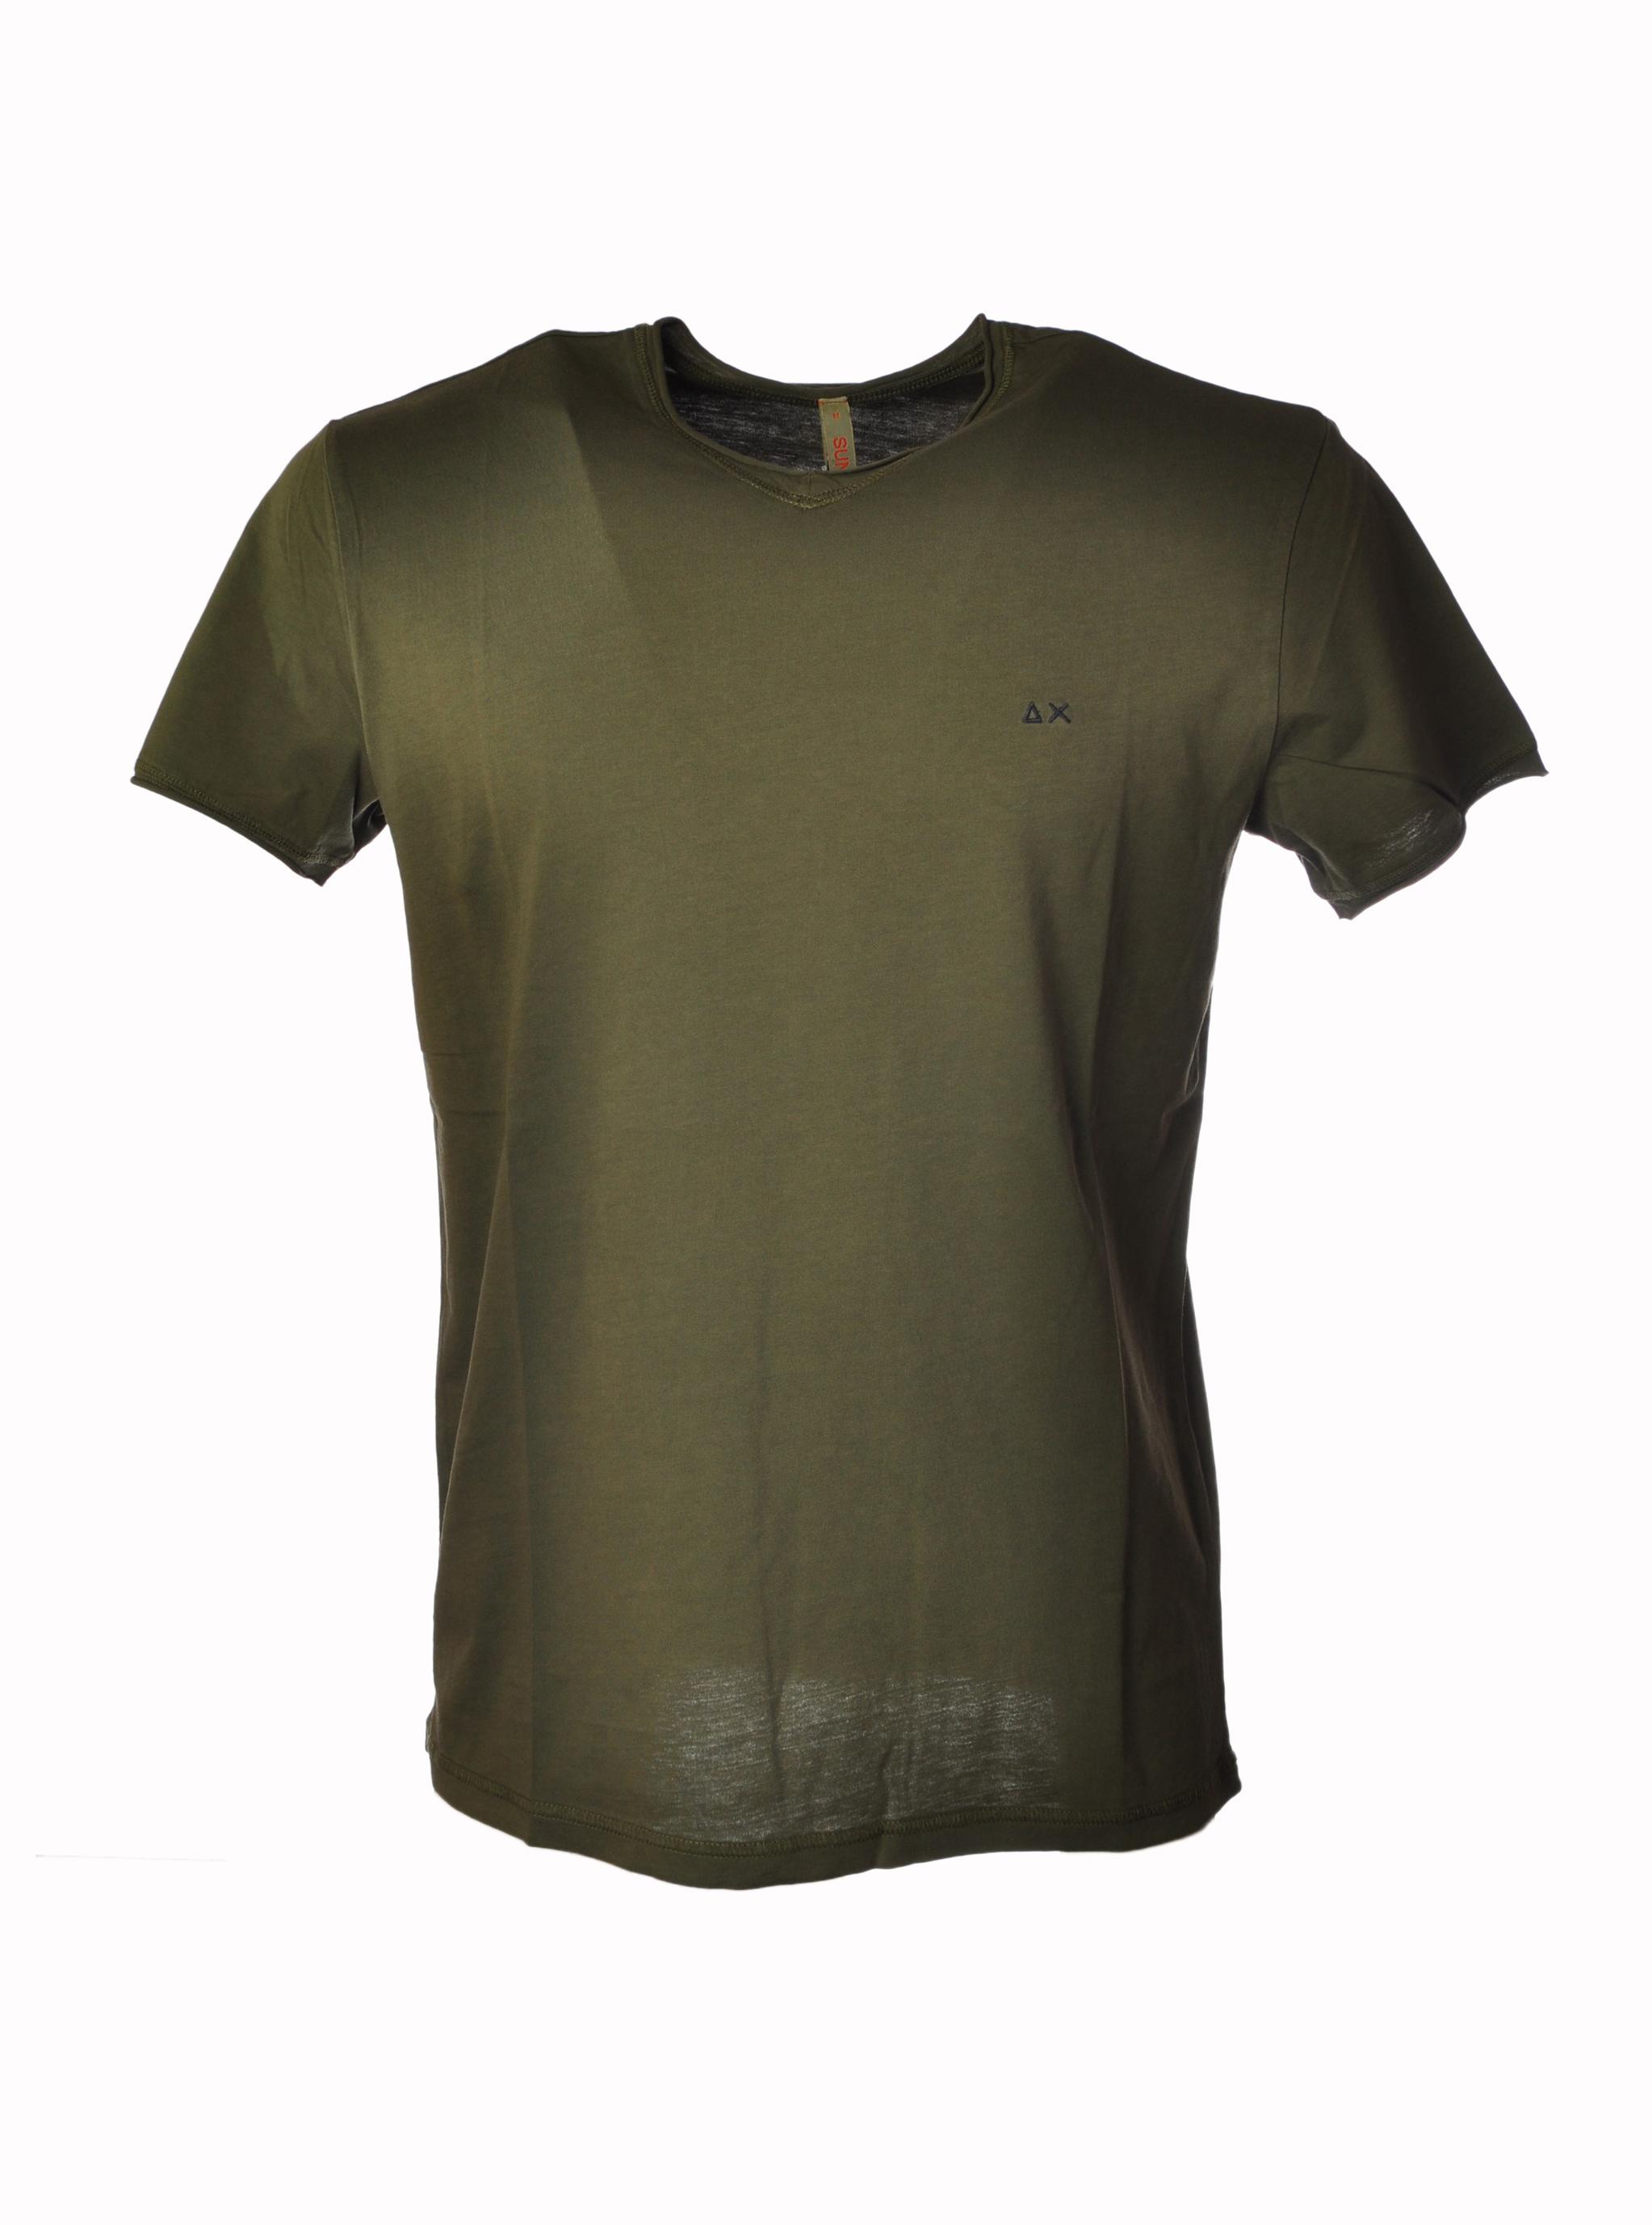 Sun 68 t shirts brescishop for Sun t shirts sunland california